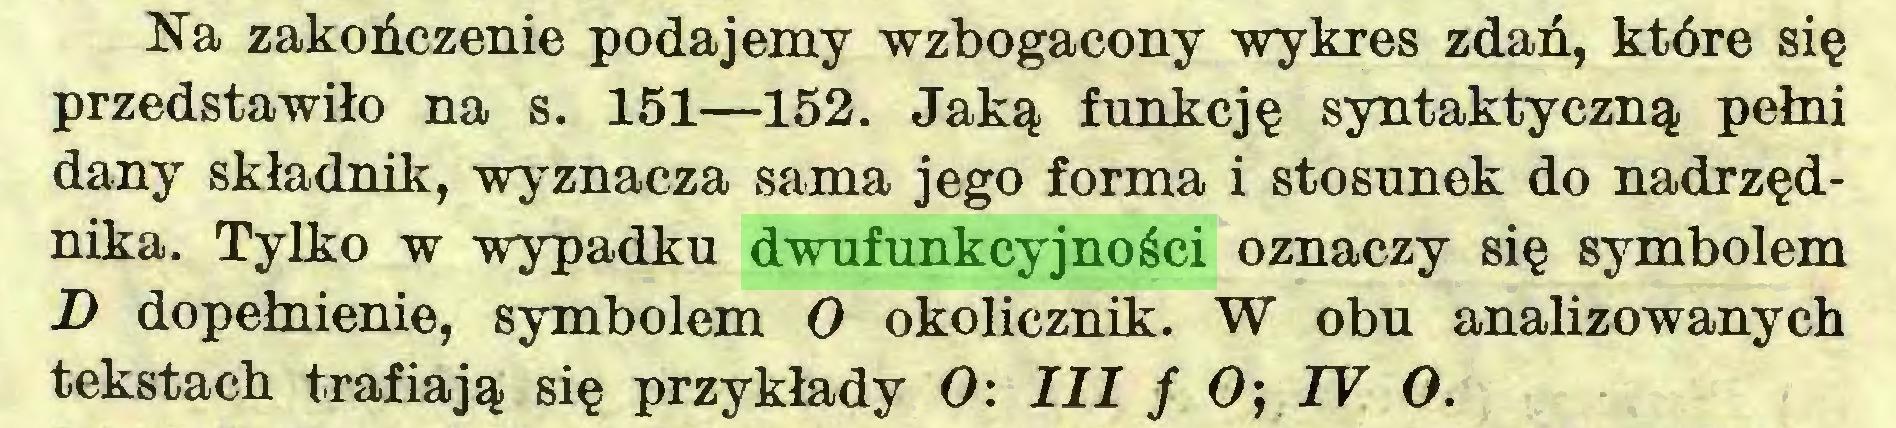 (...) Na zakończenie podajemy wzbogacony wykres zdań, które się przedstawiło na s. 151—152. Jaką funkcję syntaktyczną pełni dany składnik, wyznacza sama jego forma i stosunek do nadrzędnika. Tylko w wypadku dwufunkcyjności oznaczy się symbolem D dopełnienie, symbolem O okolicznik. W obu analizowanych tekstach trafiają się przykłady O: III f Oj IV O...